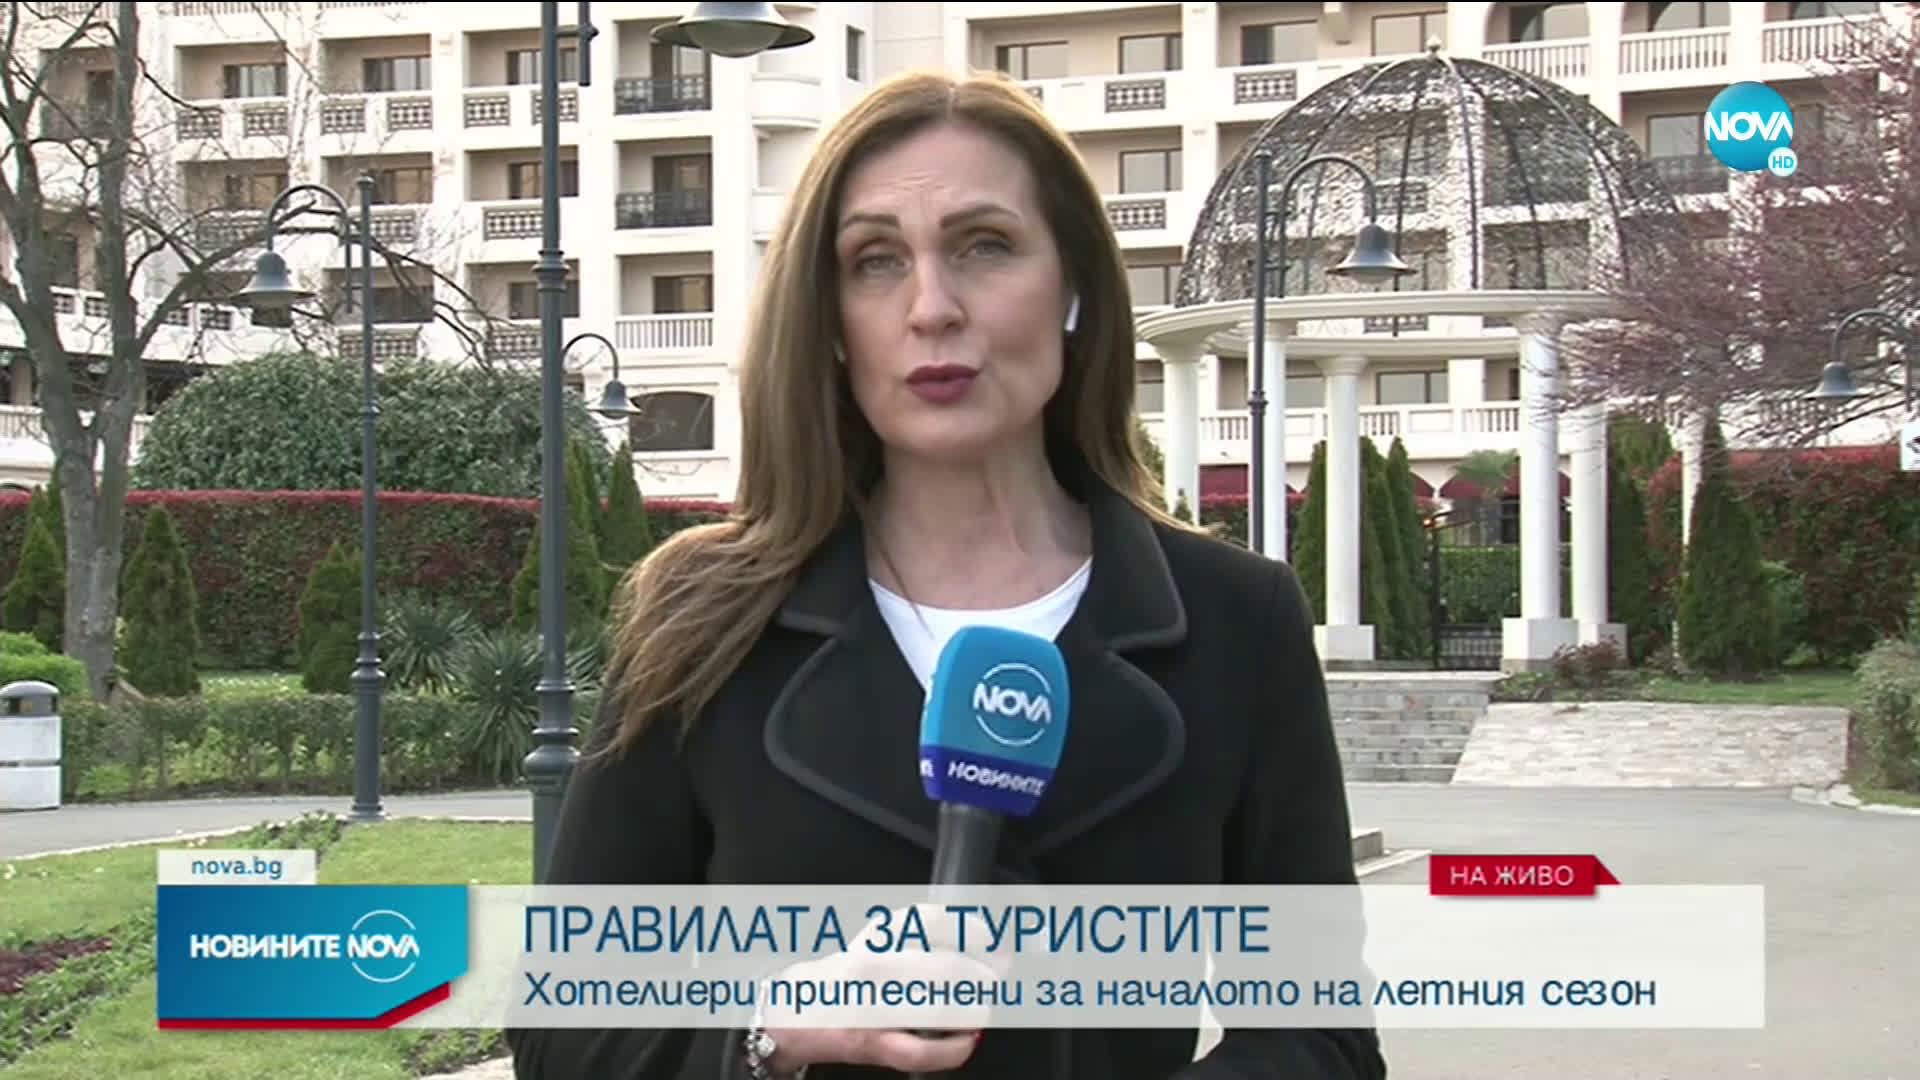 ПРАВИЛАТА ЗА ТУРИСТИТЕ: Хотелиери притеснени за началото на летния сезон